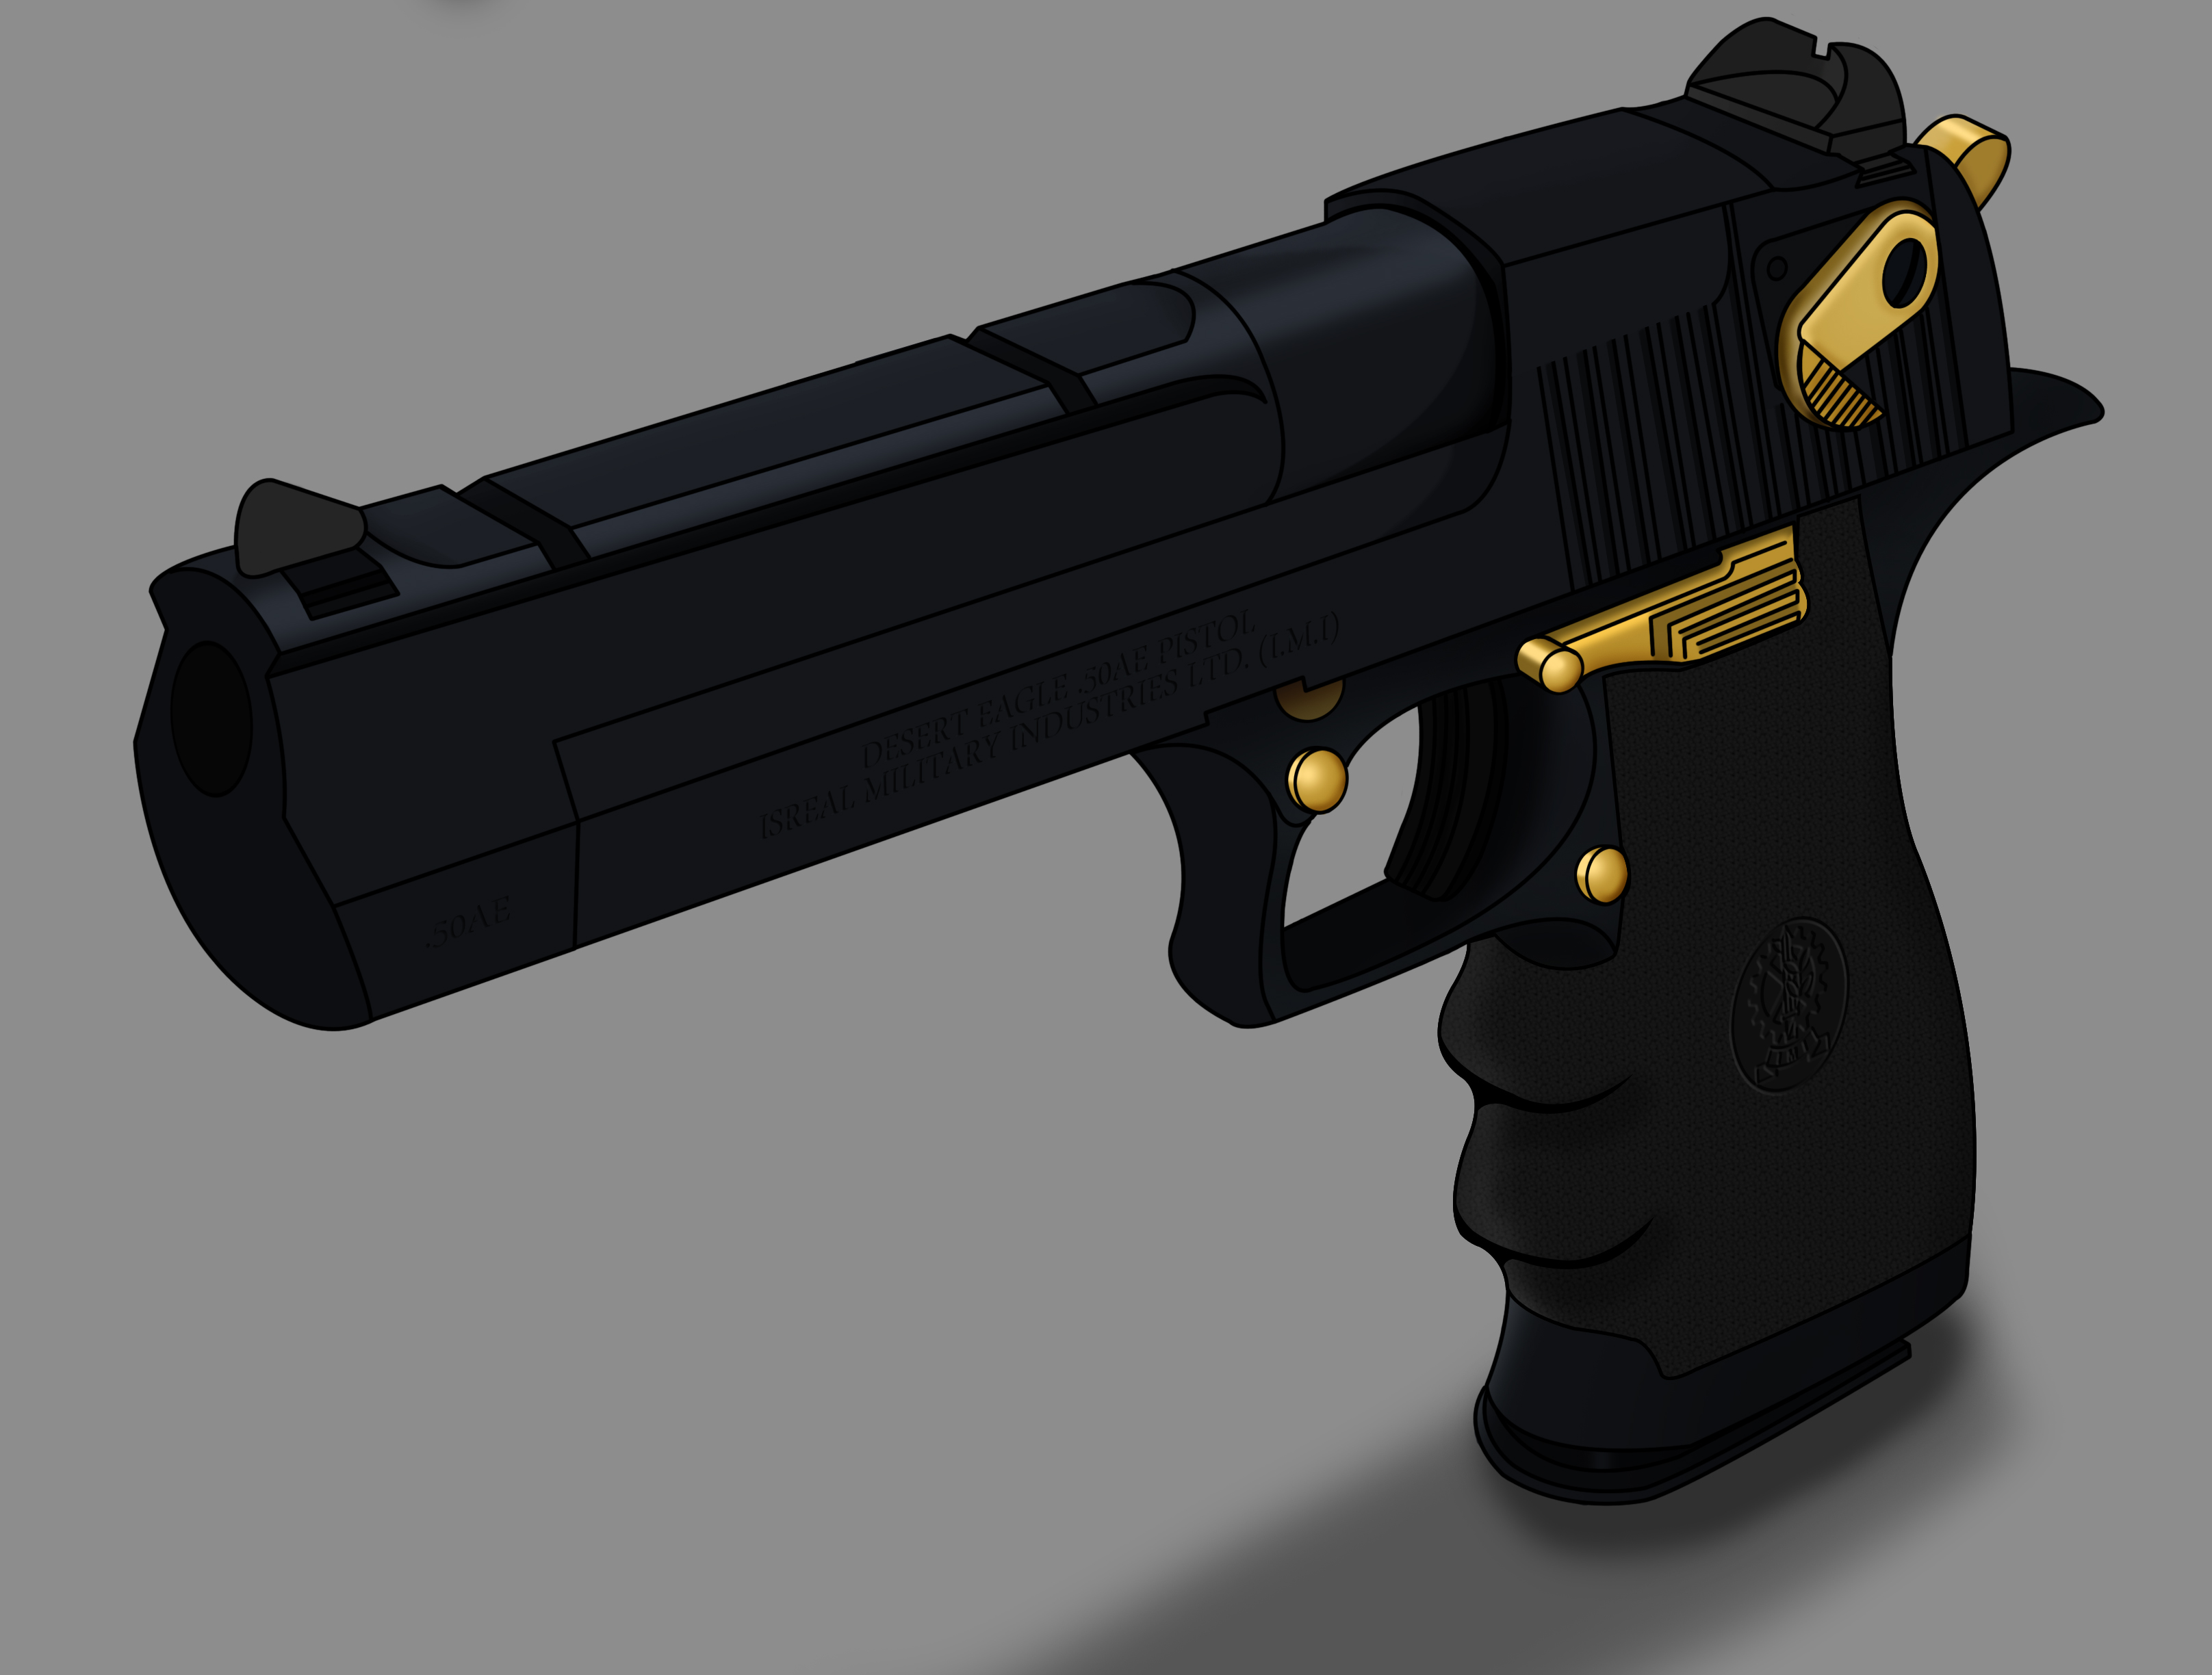 Desert Eagle Weapon Gun Pistol E Wallpaper 3232x2448 192333 Wallpaperup